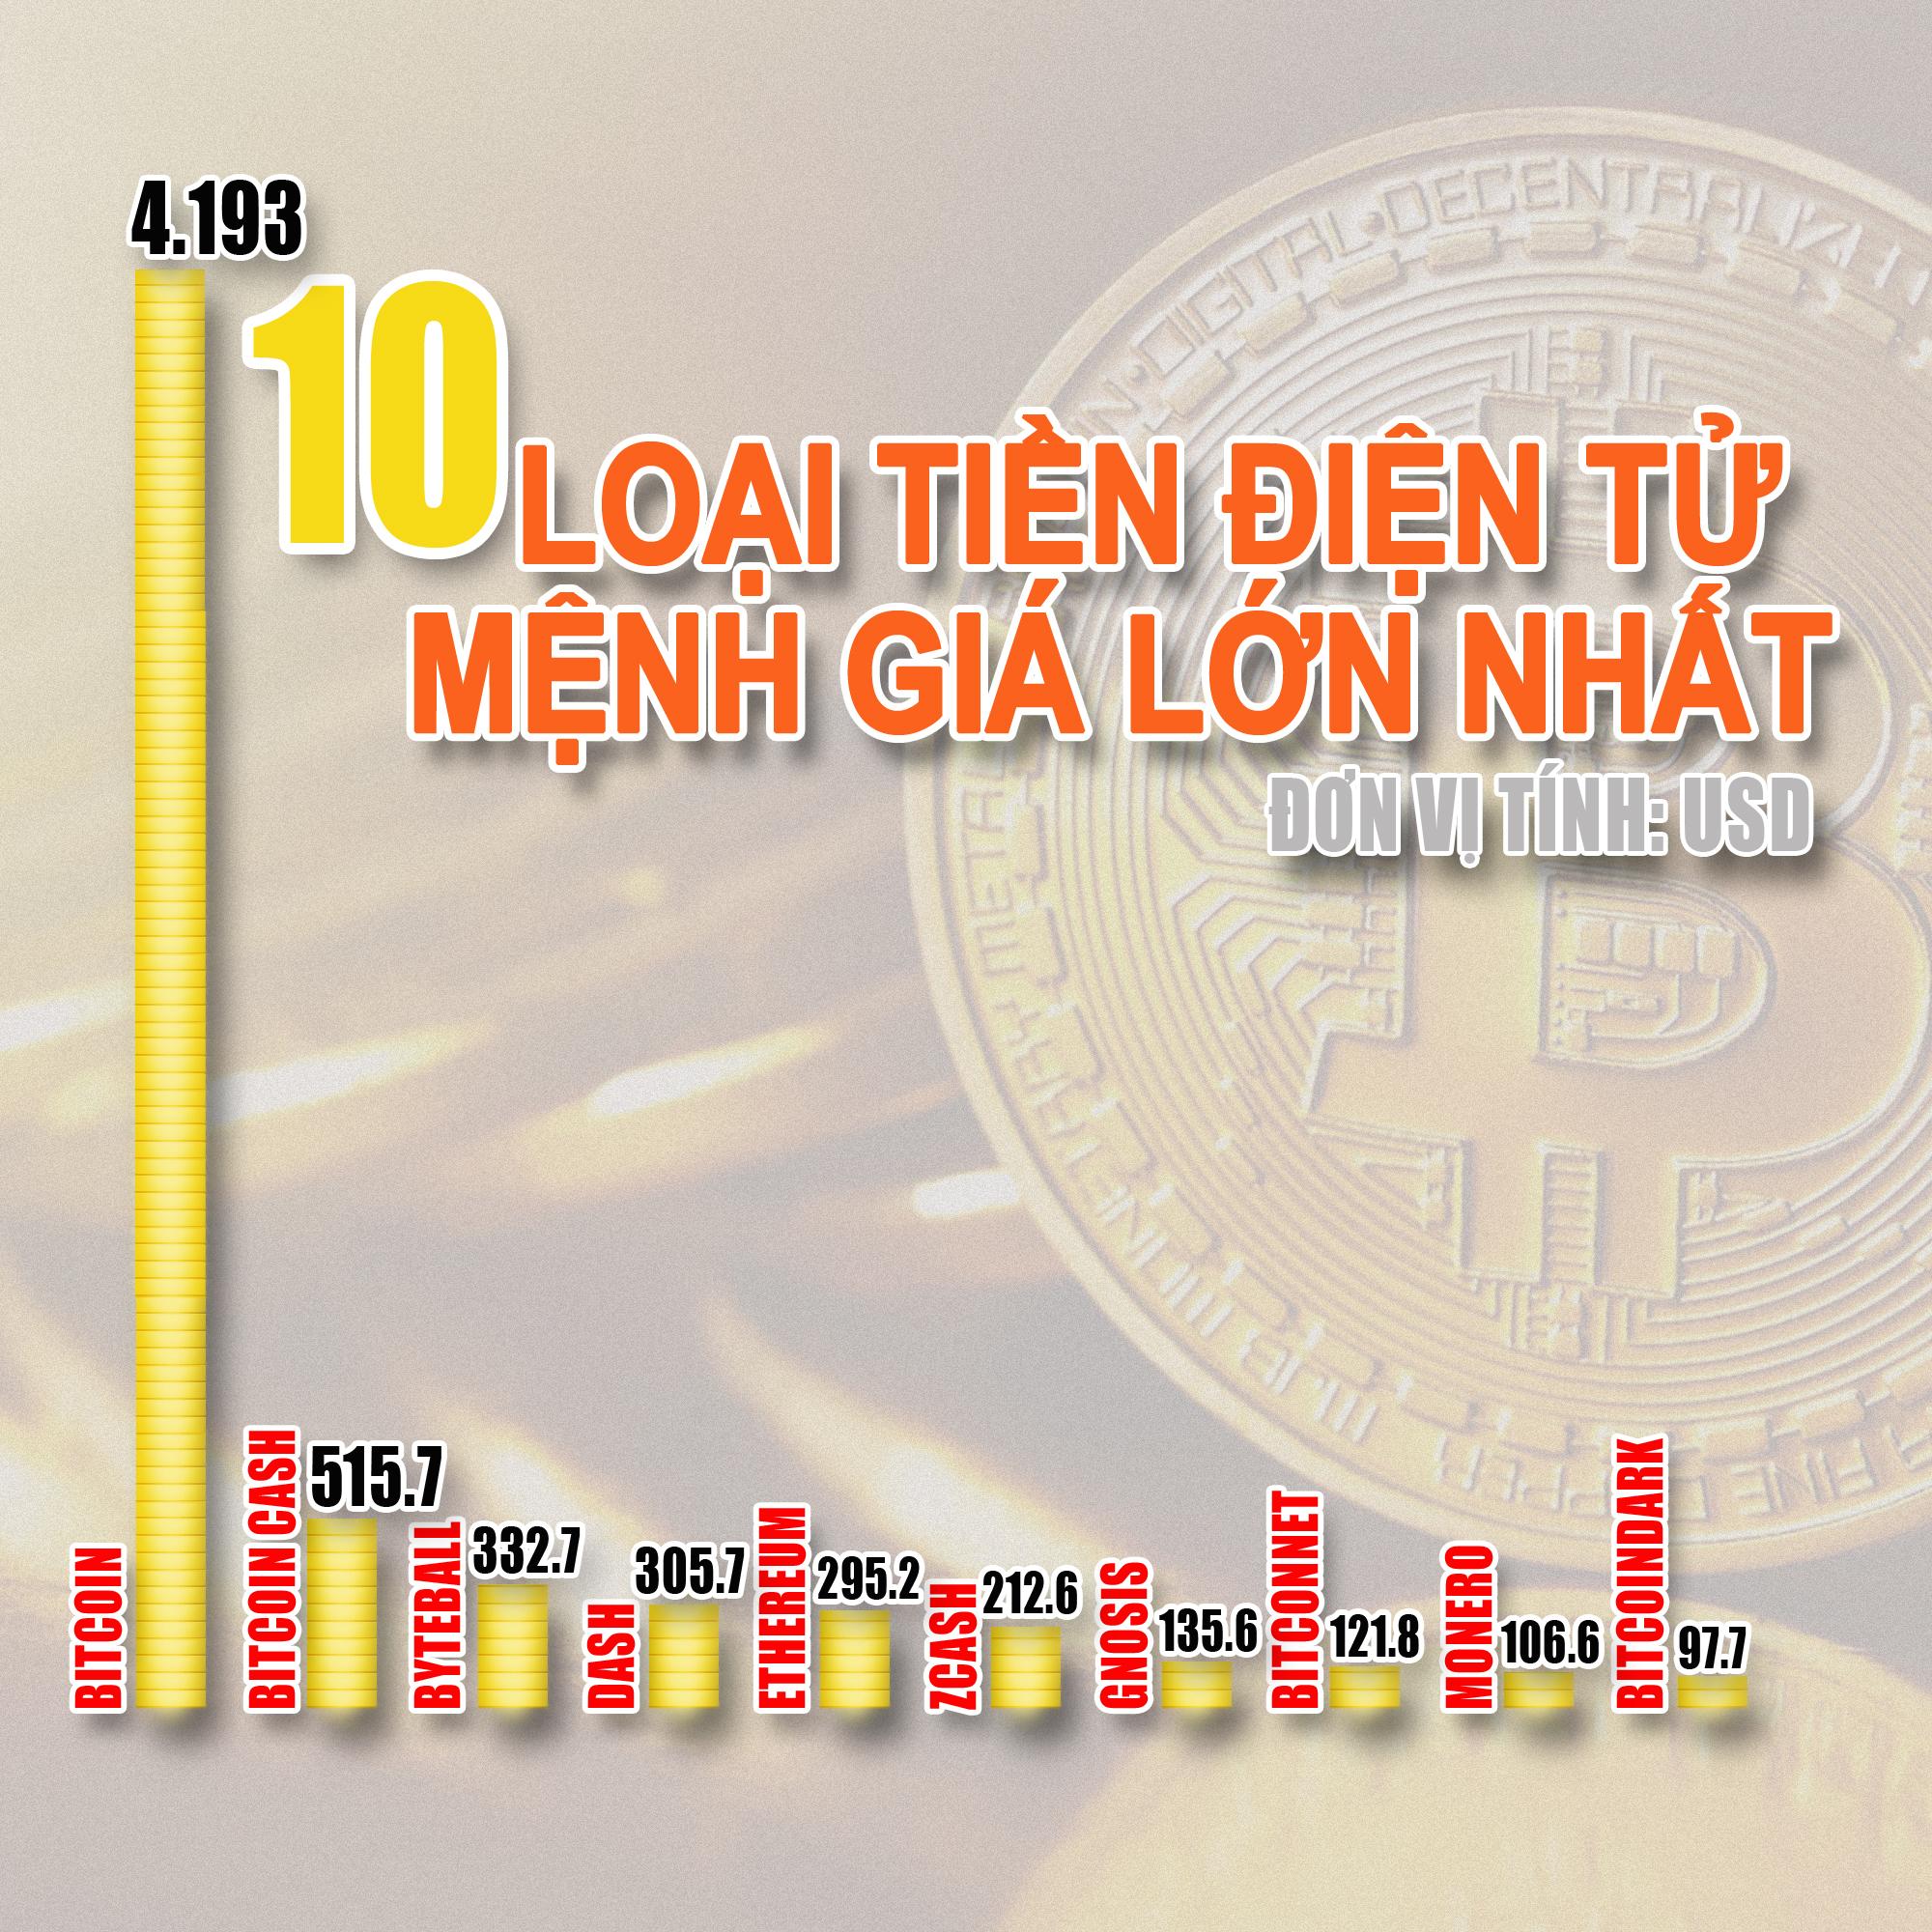 Kết quả hình ảnh cho tiền điện tử